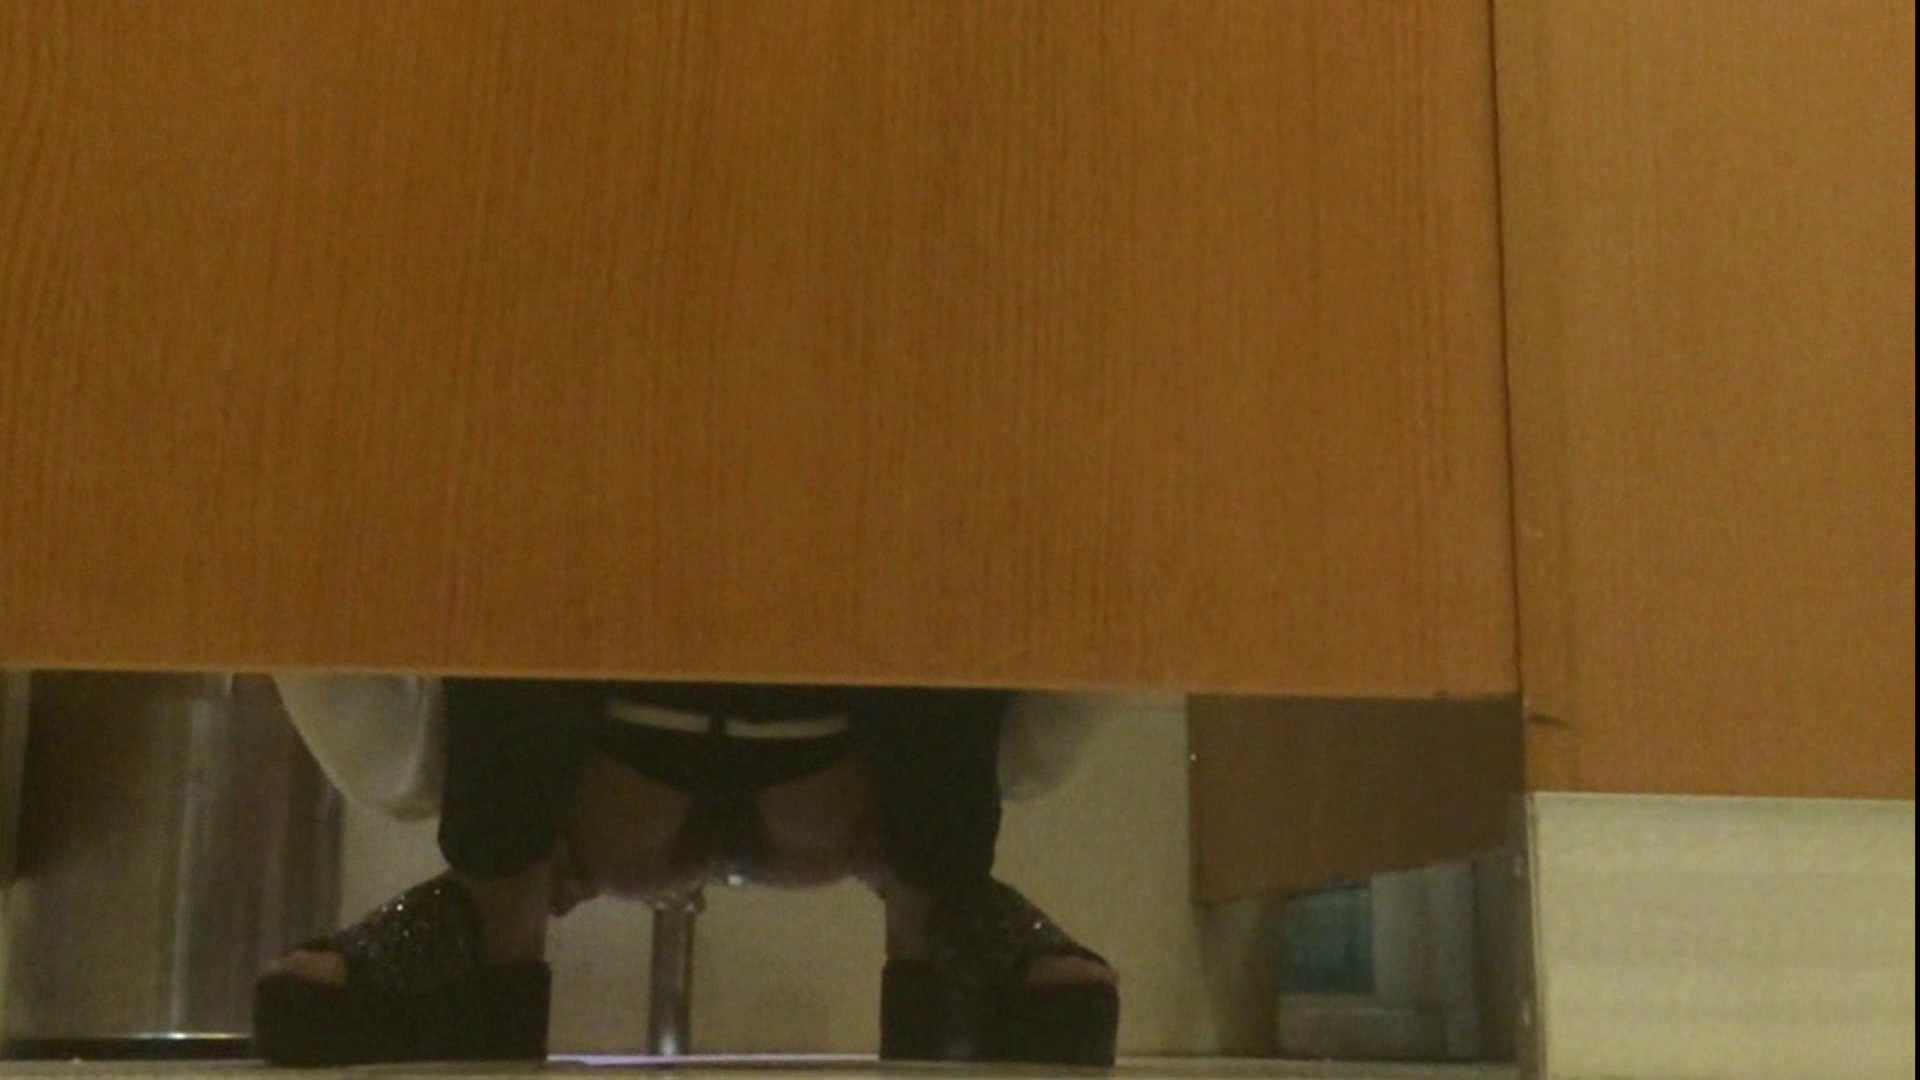 隣国化粧室下から御免!! No.14 洗面所  62pic 20